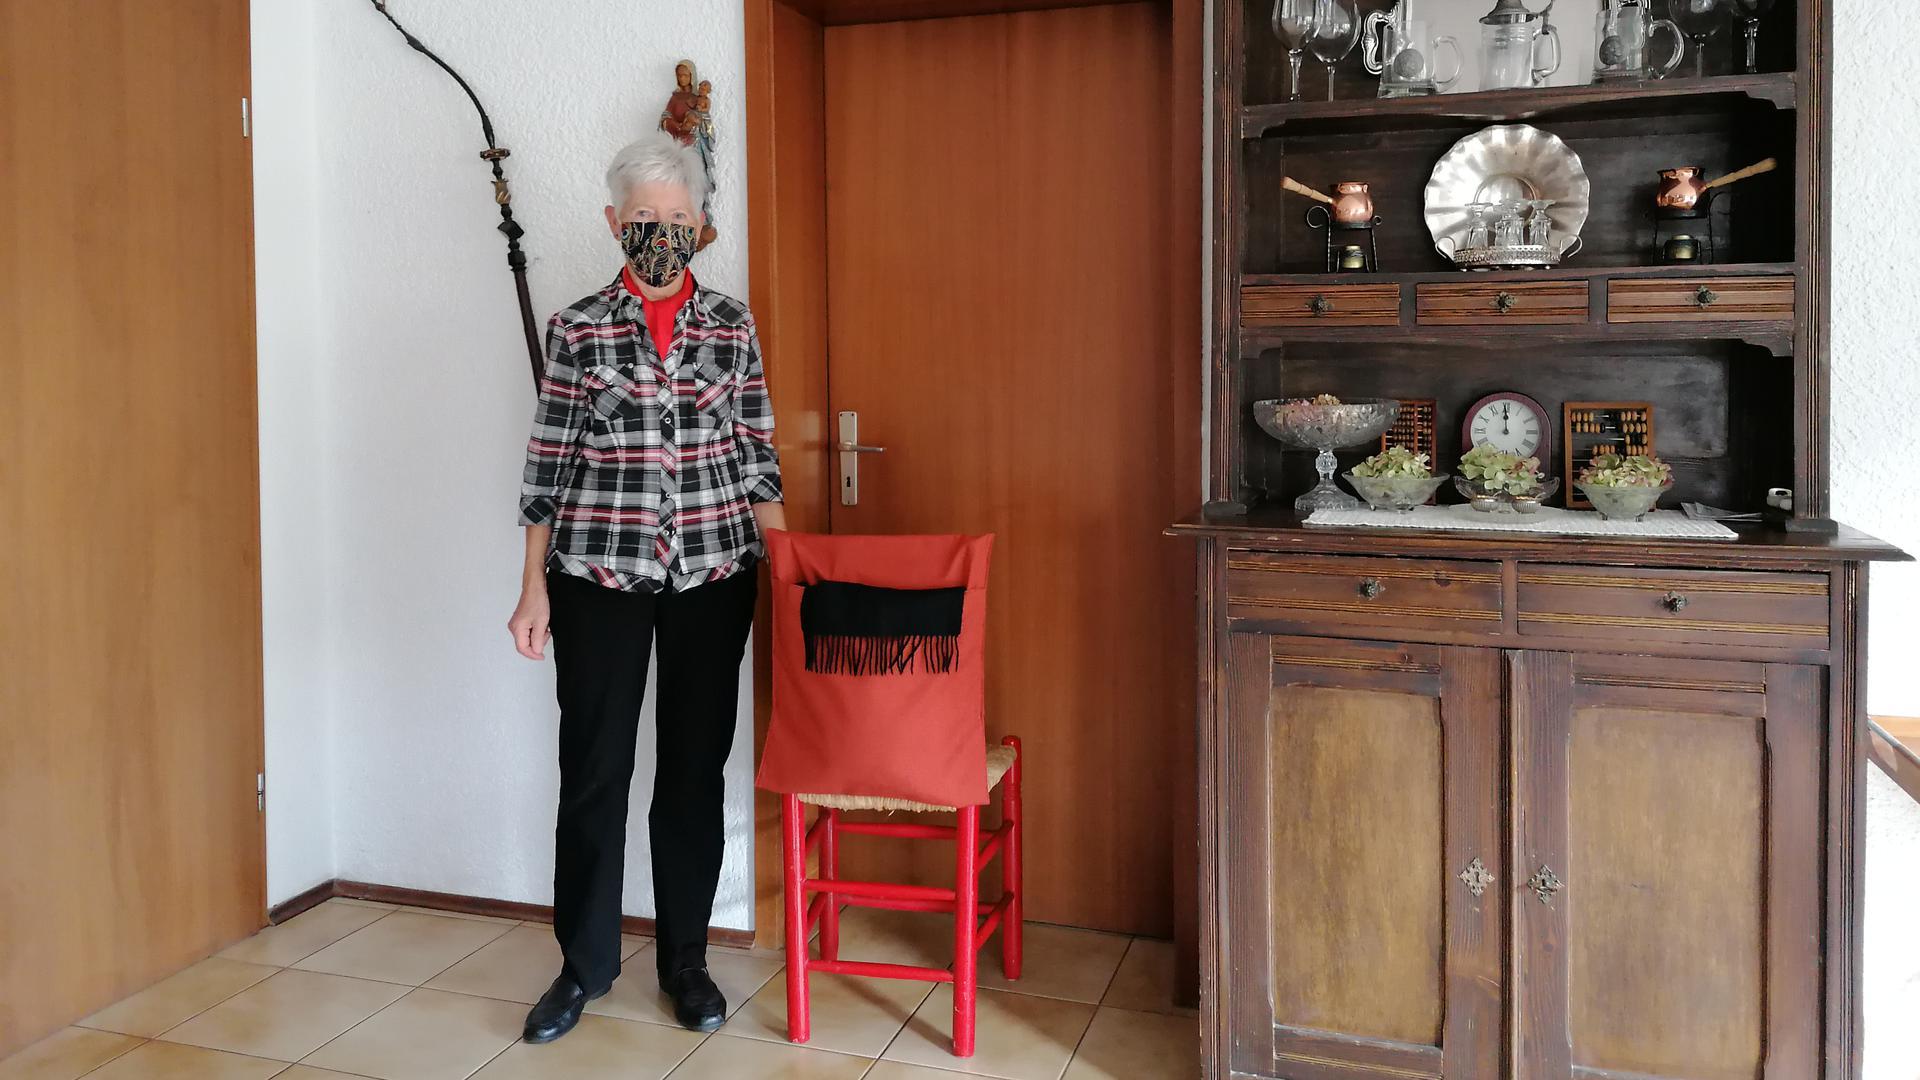 Marianne Fischer steht in ihrem Esszimmer neben einem Stuhl, über dessen Rückenlehne der selbstgenähte Rucksack hängt.